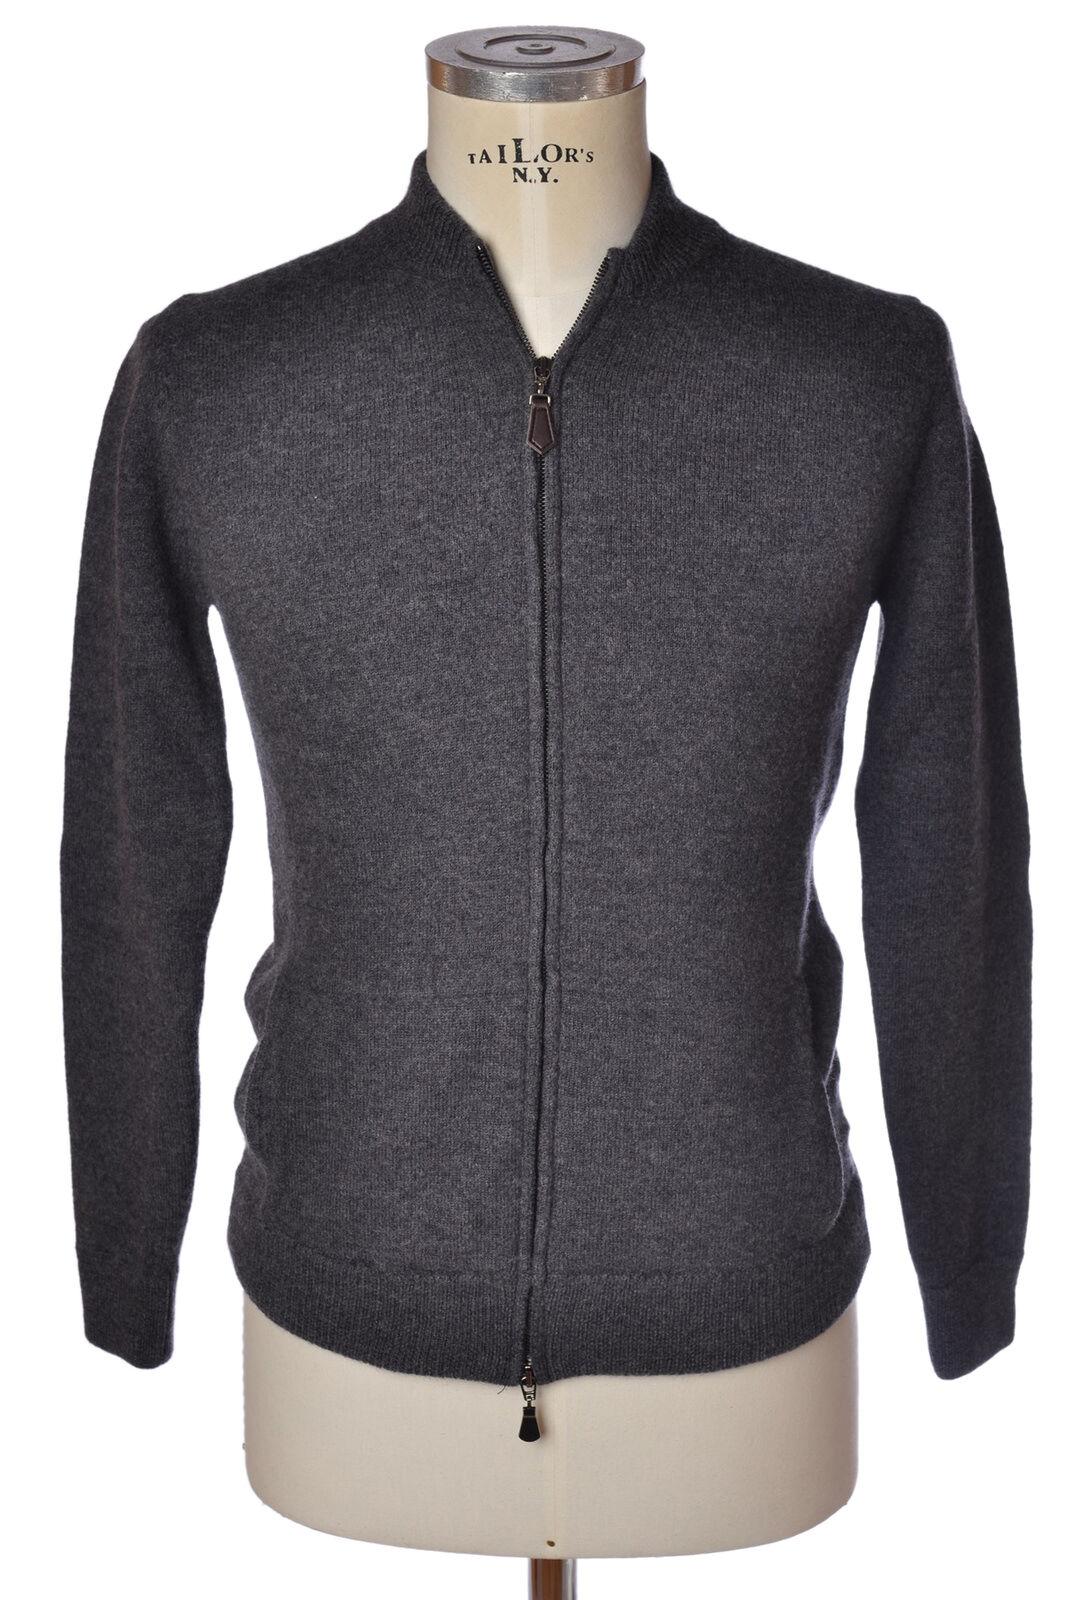 Alpha - Knitwear-Cardigan - man - Grau - 735517C183605